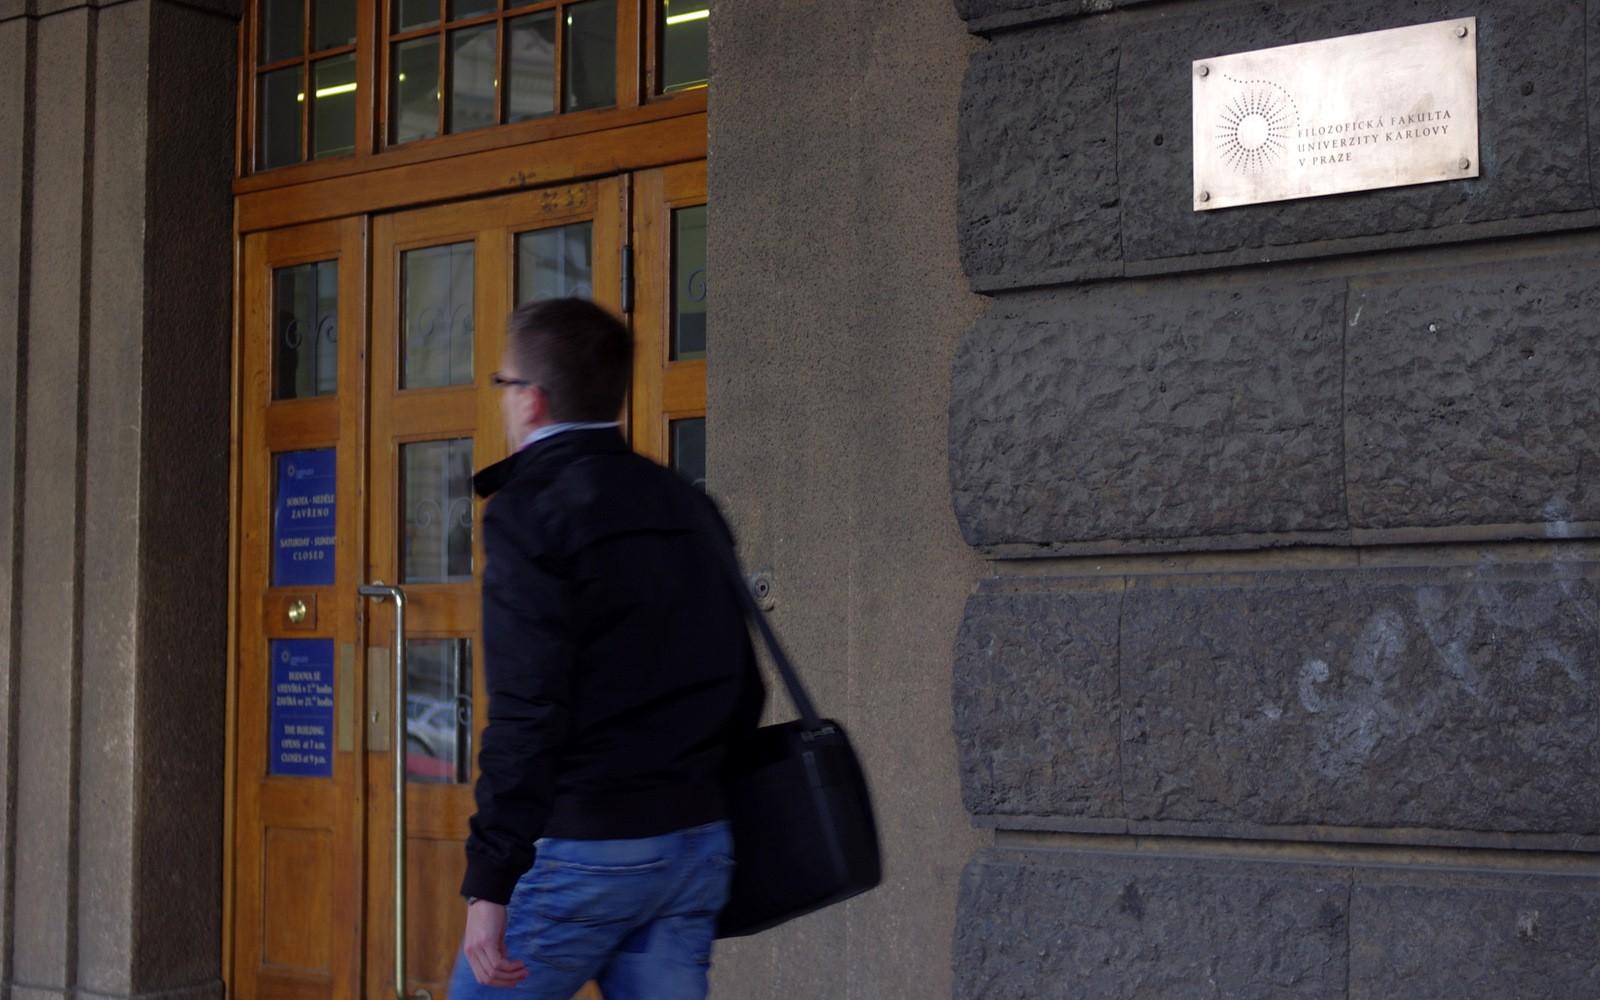 Filozofická fakulta univerzity Karlovy si dala za cíl představit vědecké úspěchy fakulty. Cílila na širší odbornou veřejnost, uchazeče o doktorské studium i širokou veřejnost